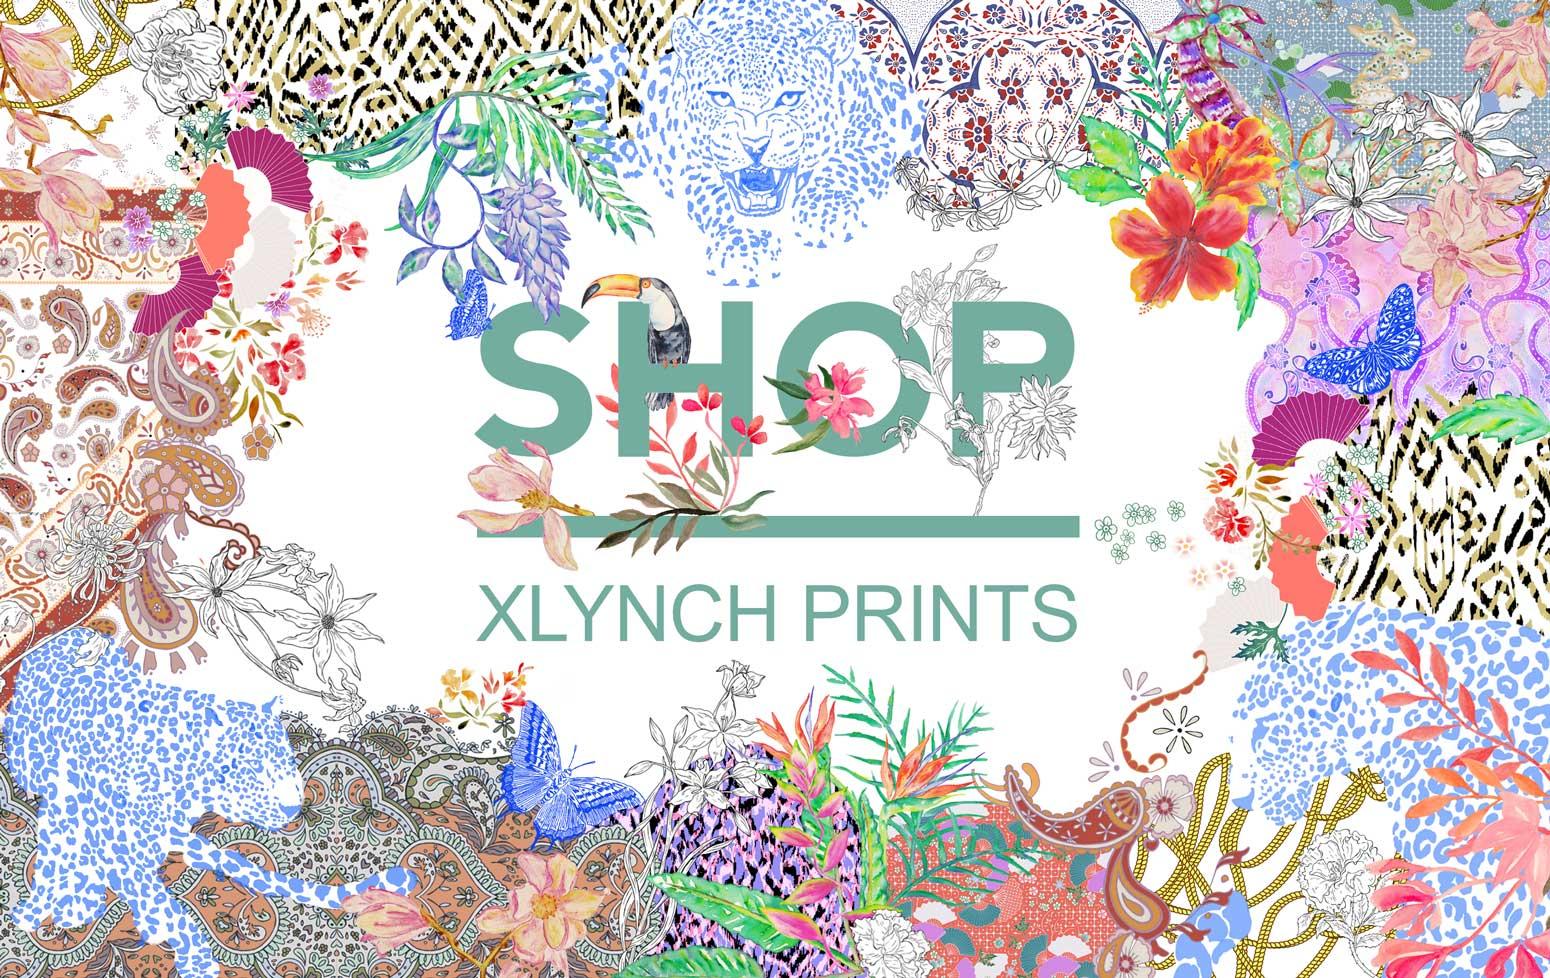 Rectangle---Shop-print-cover-V2-New.jpg